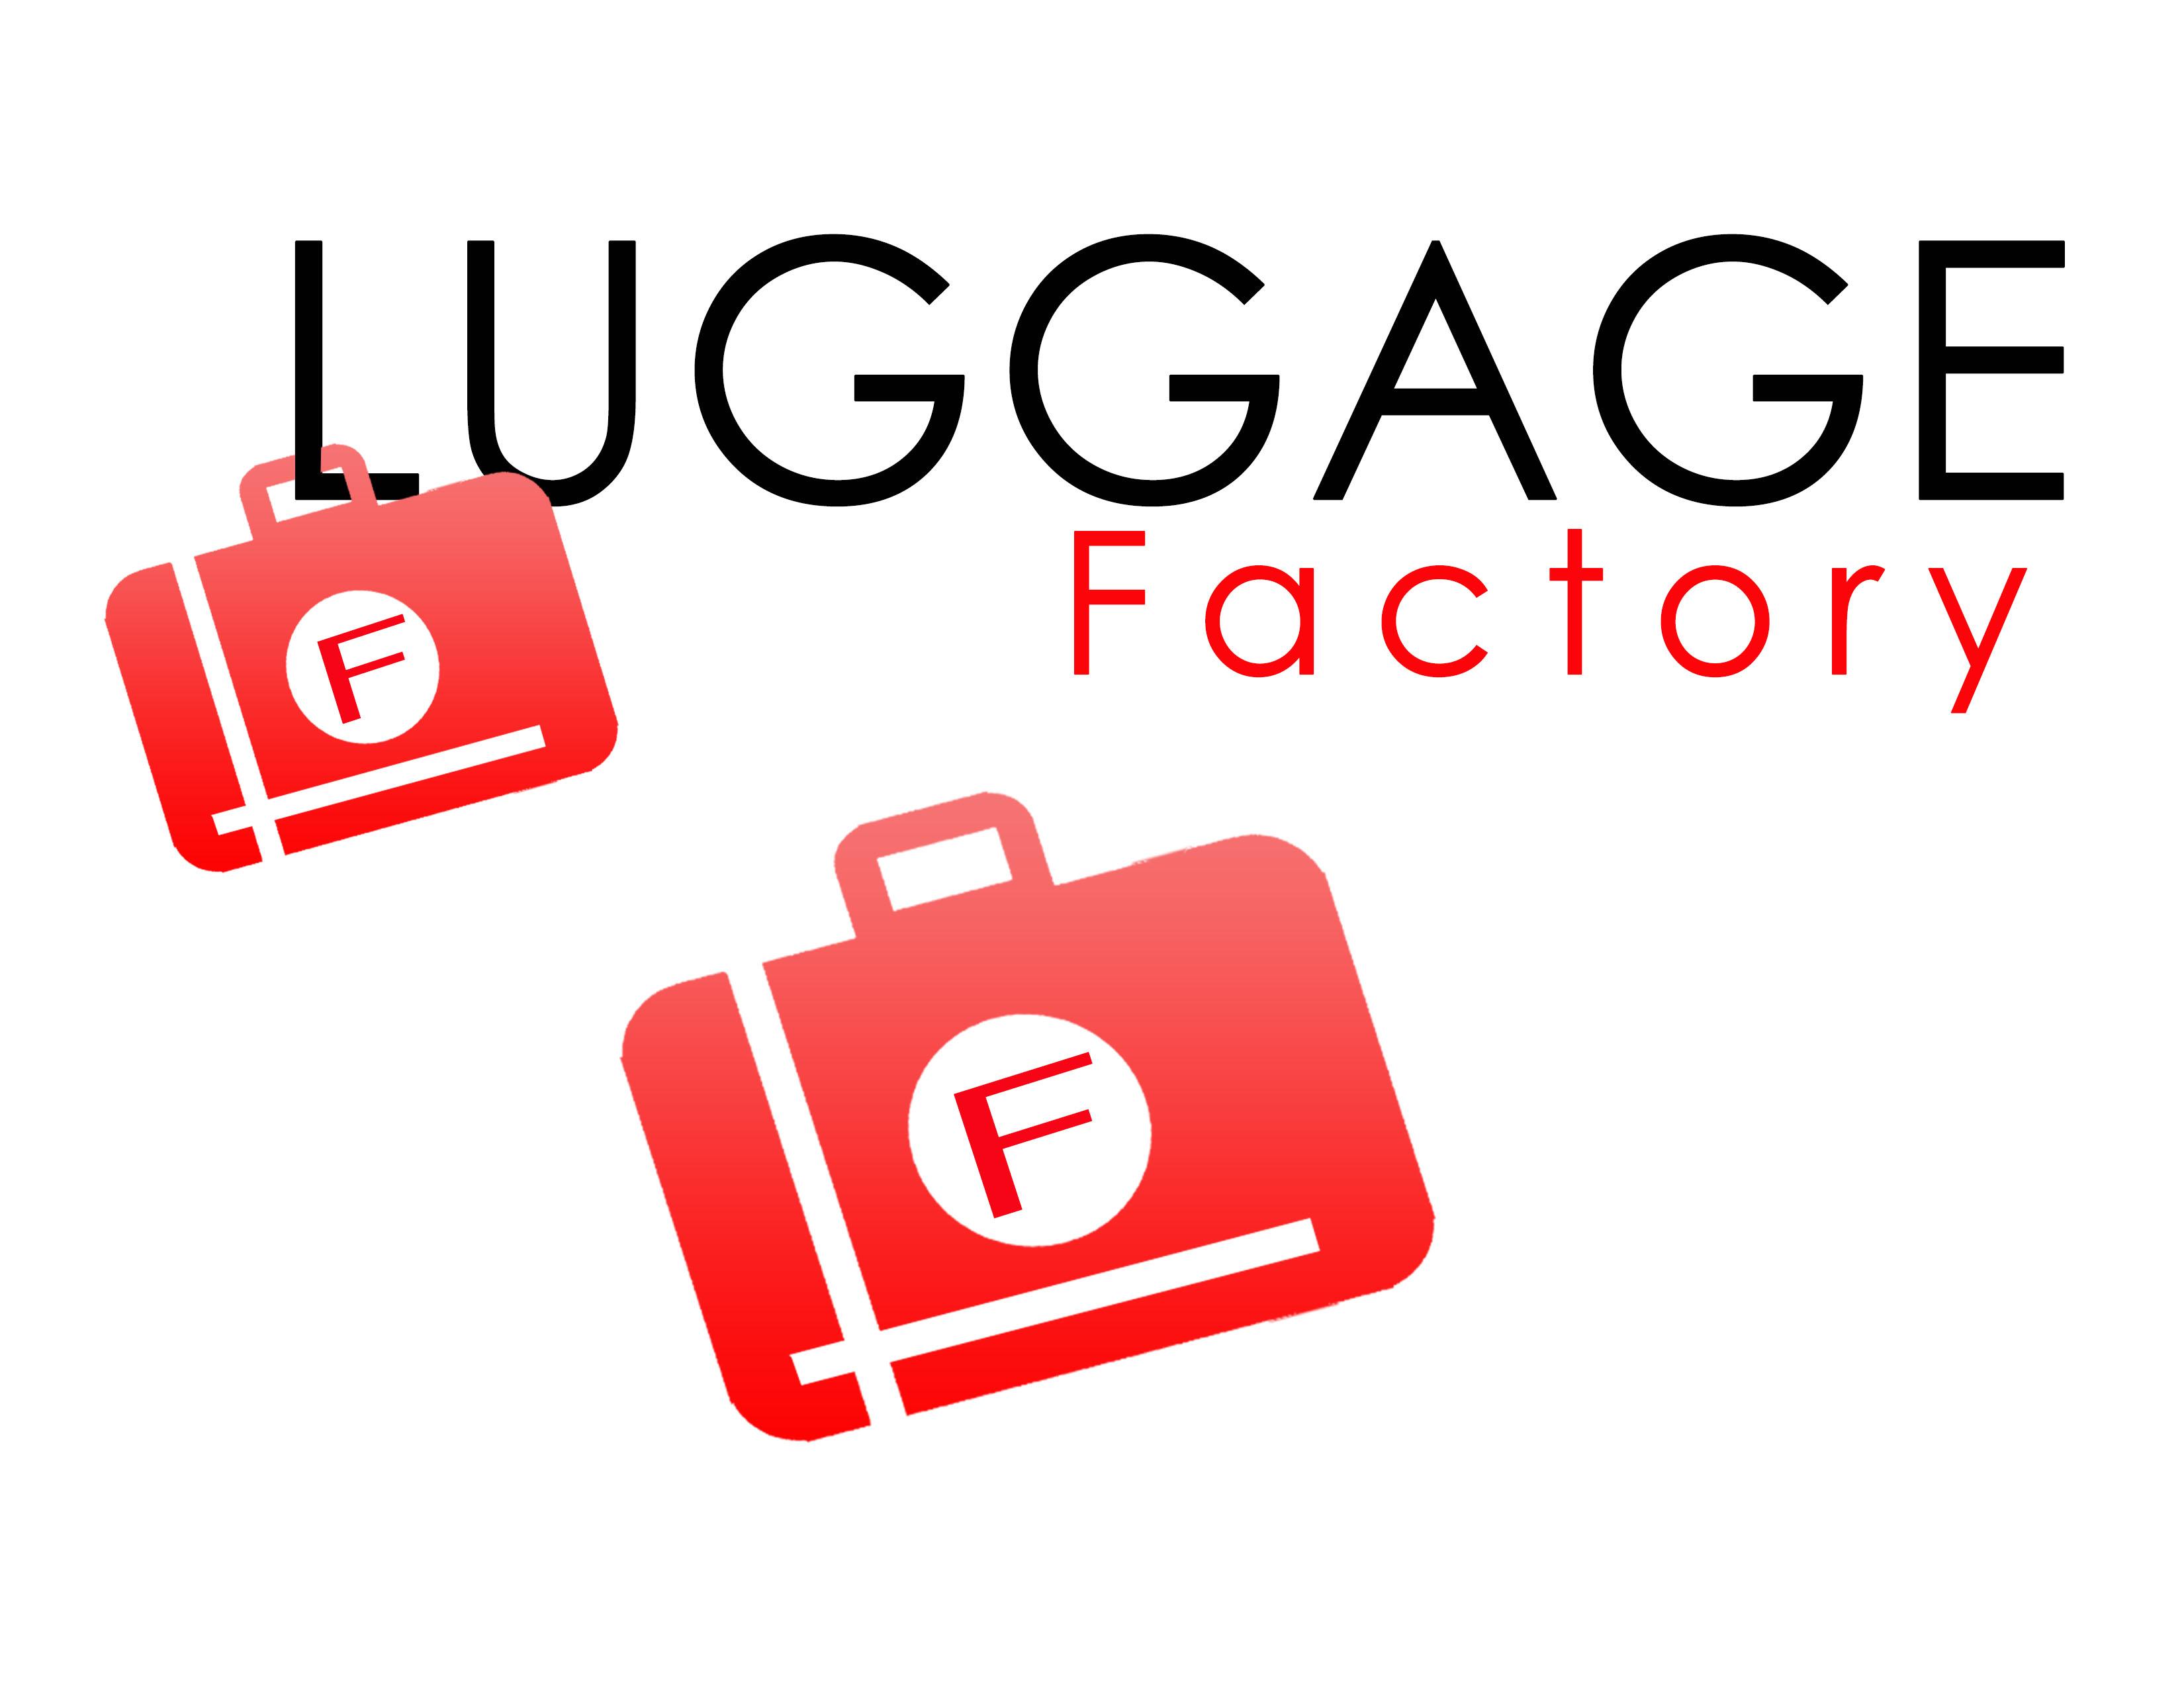 Logo Design by Kathrina Arceta - Entry No. 30 in the Logo Design Contest Creative Logo Design for Luggage Factory.